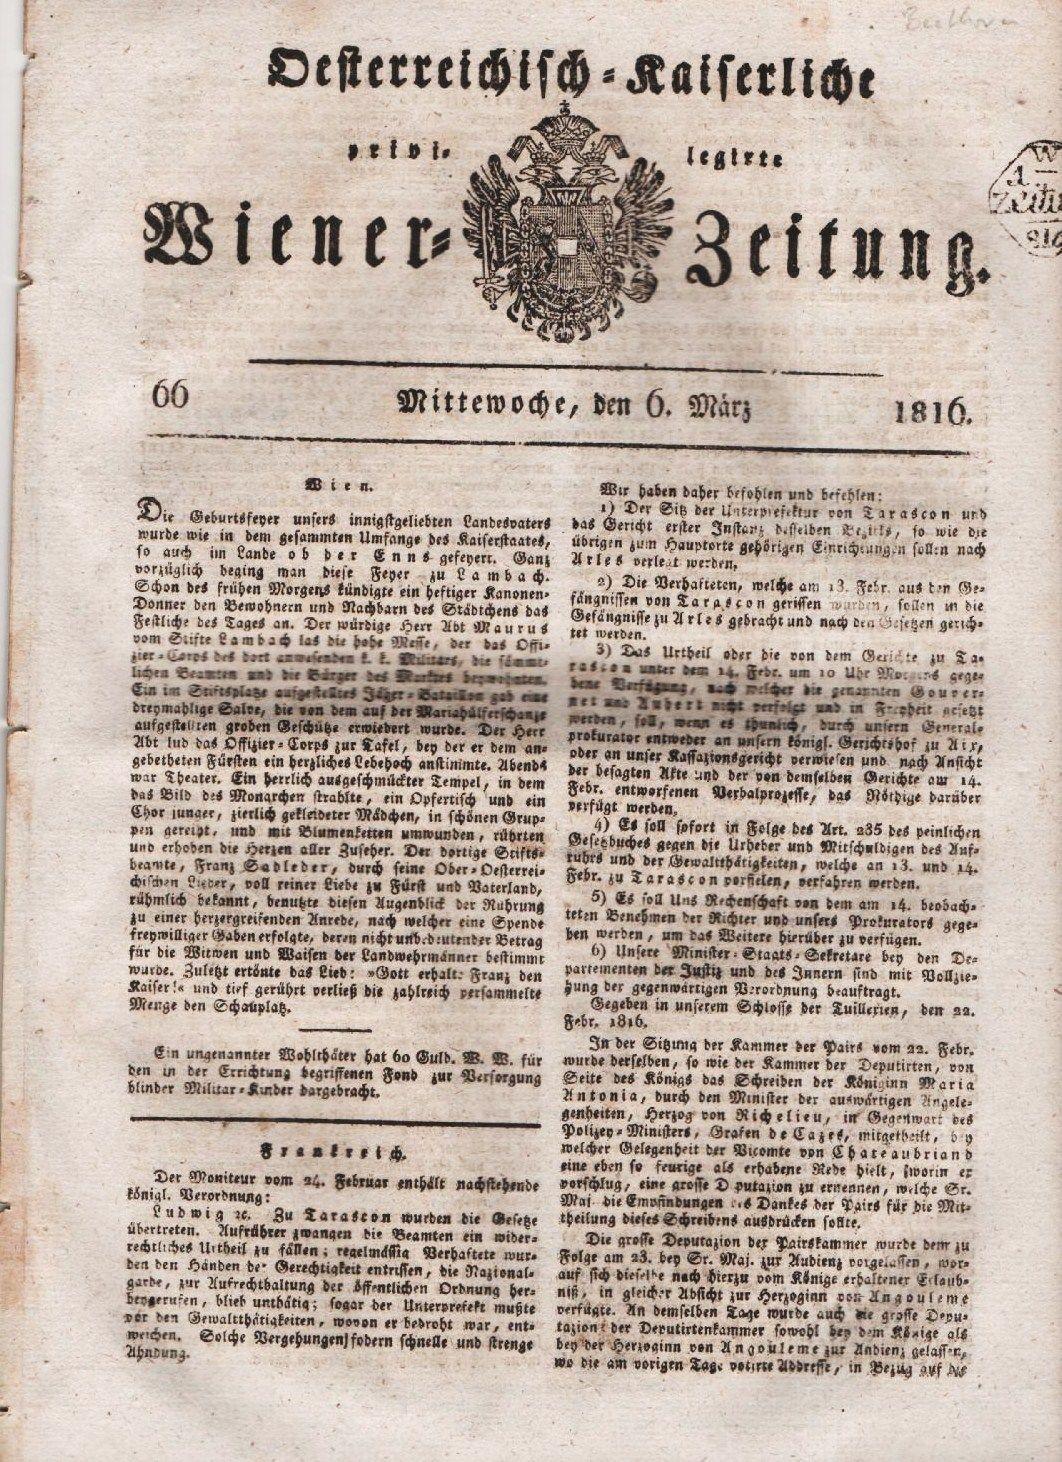 Wiener Zeitung,